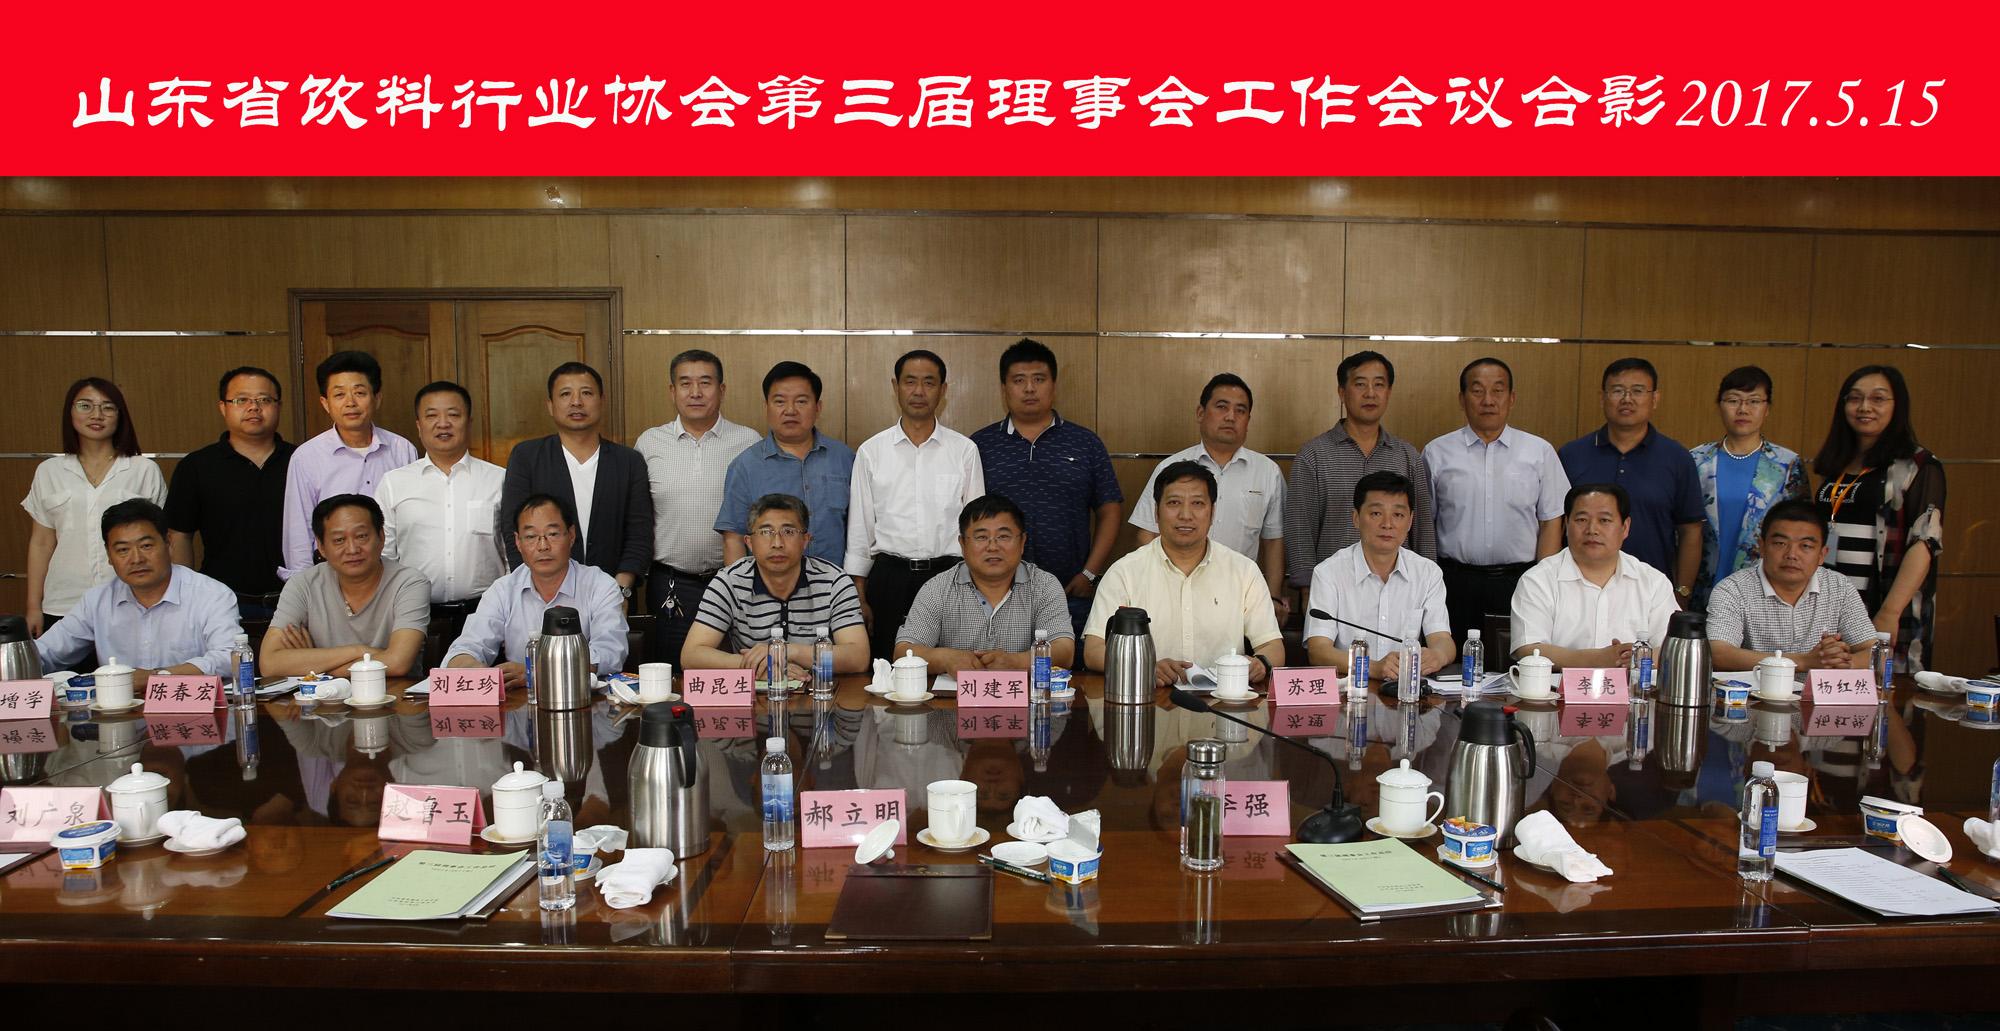 必威官方首页饮料行业协会第三届理事会工作会议